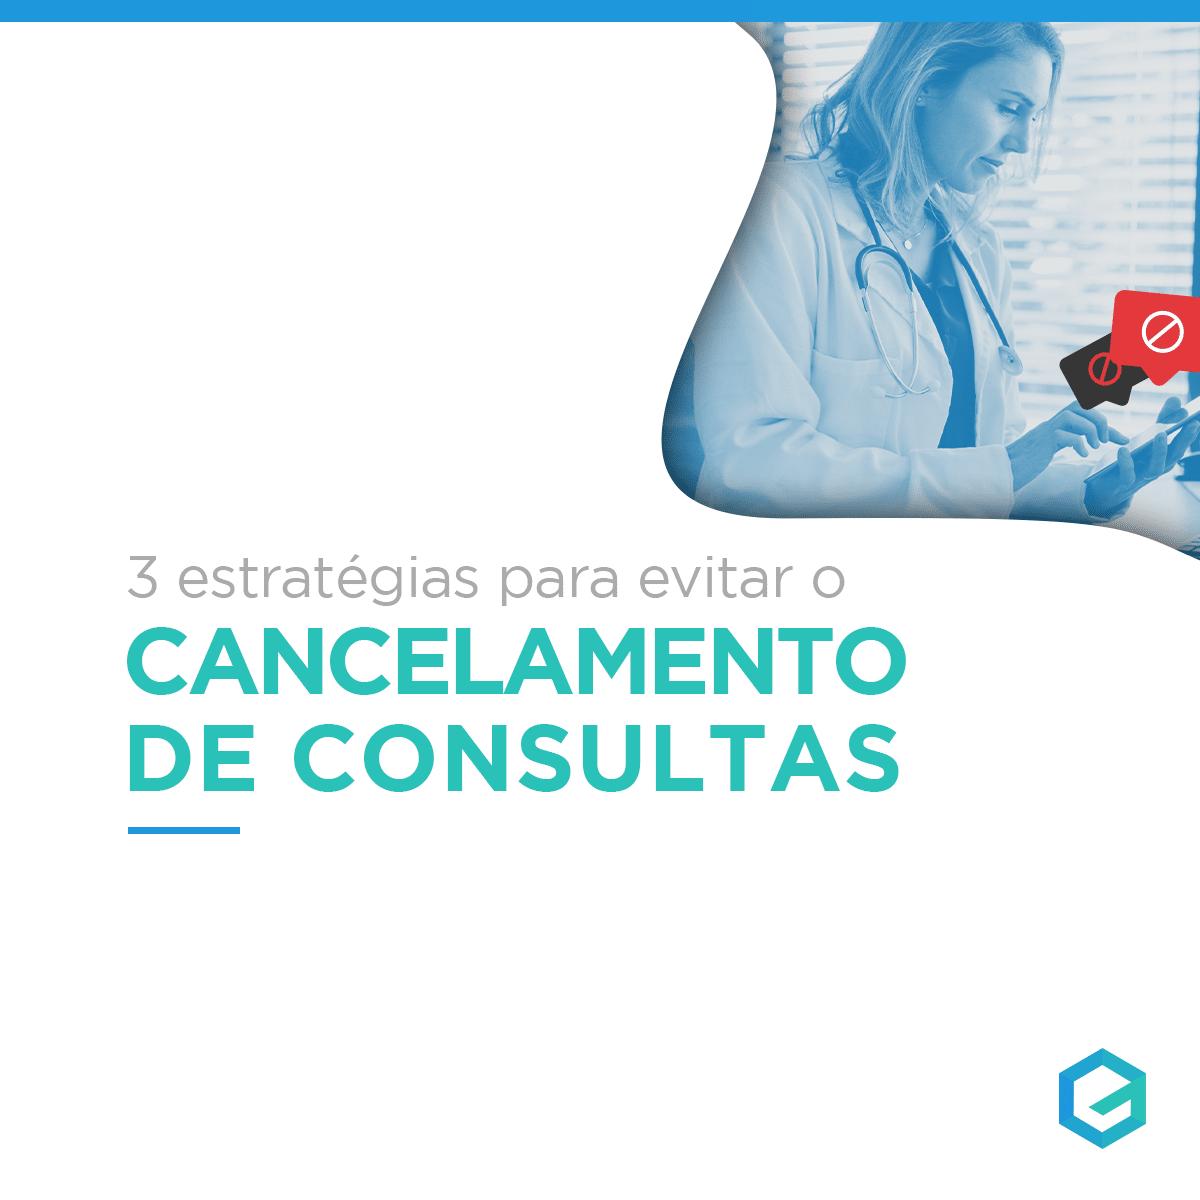 cancelamento de consultas para nutricionistas